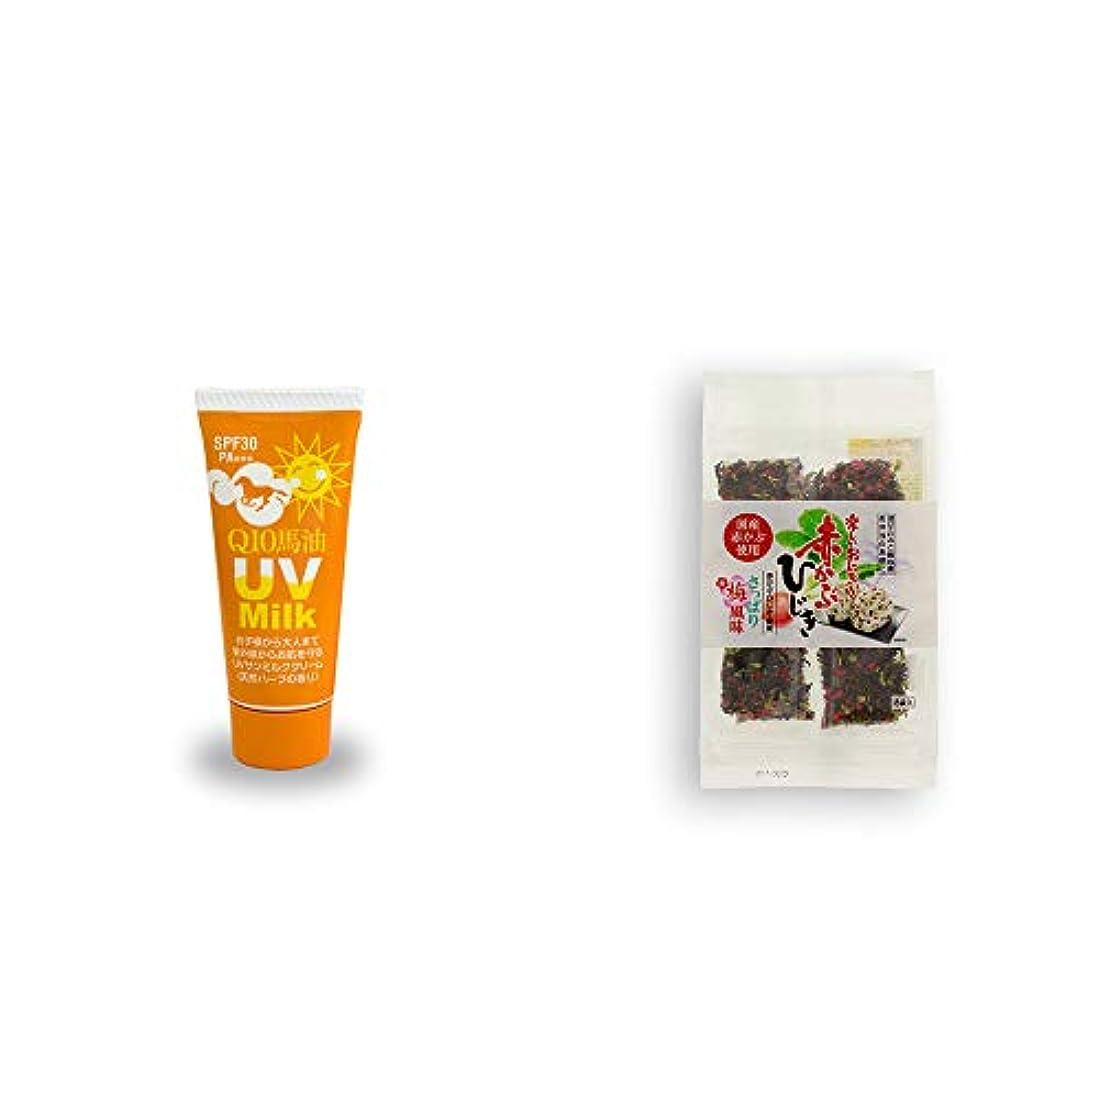 [2点セット] 炭黒泉 Q10馬油 UVサンミルク[天然ハーブ](40g)?楽しいおにぎり 赤かぶひじき(8g×8袋)